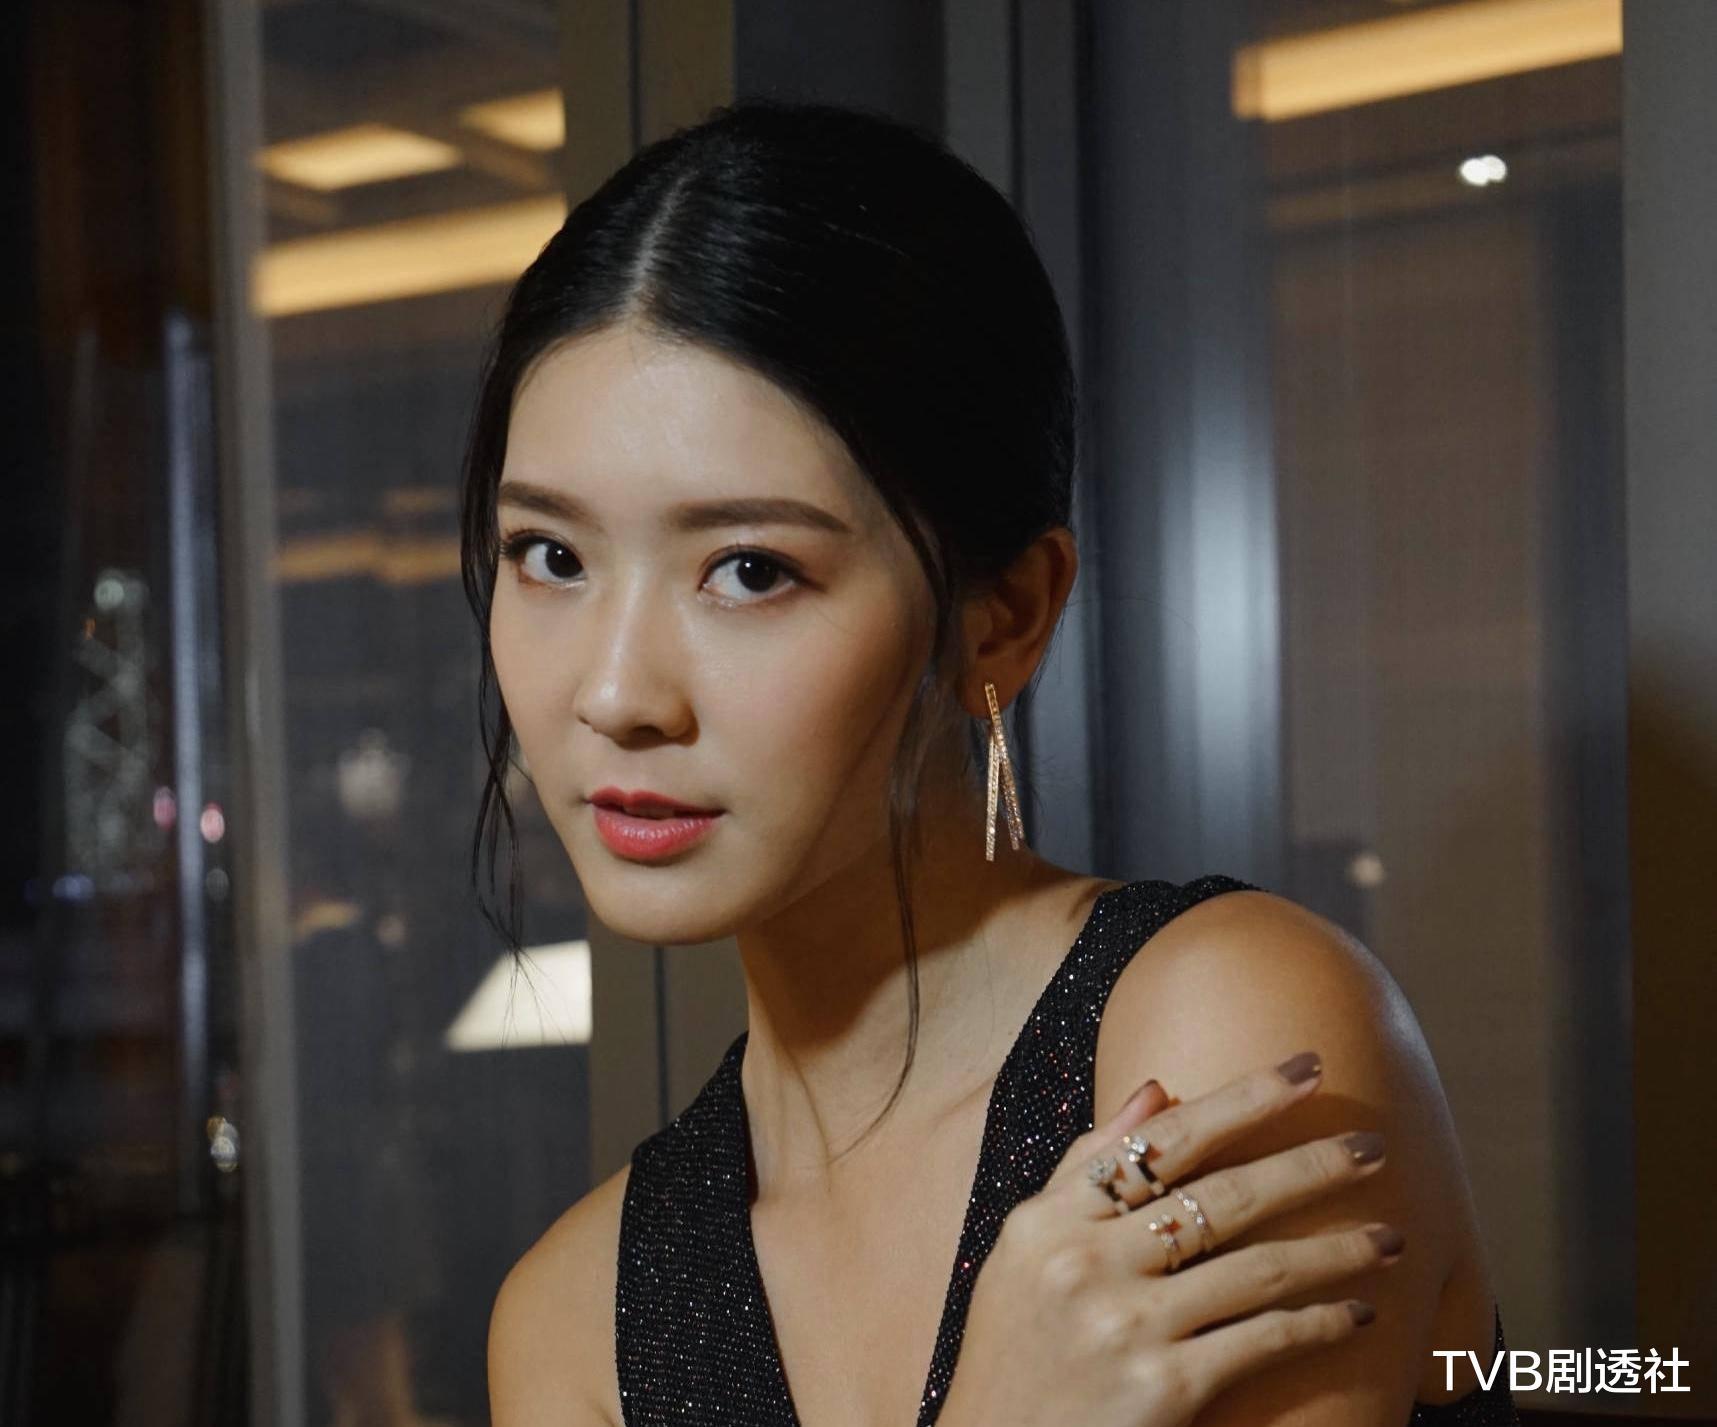 27歲香港著名女星被曝未婚先孕,並將趕在下月登記結婚-圖3